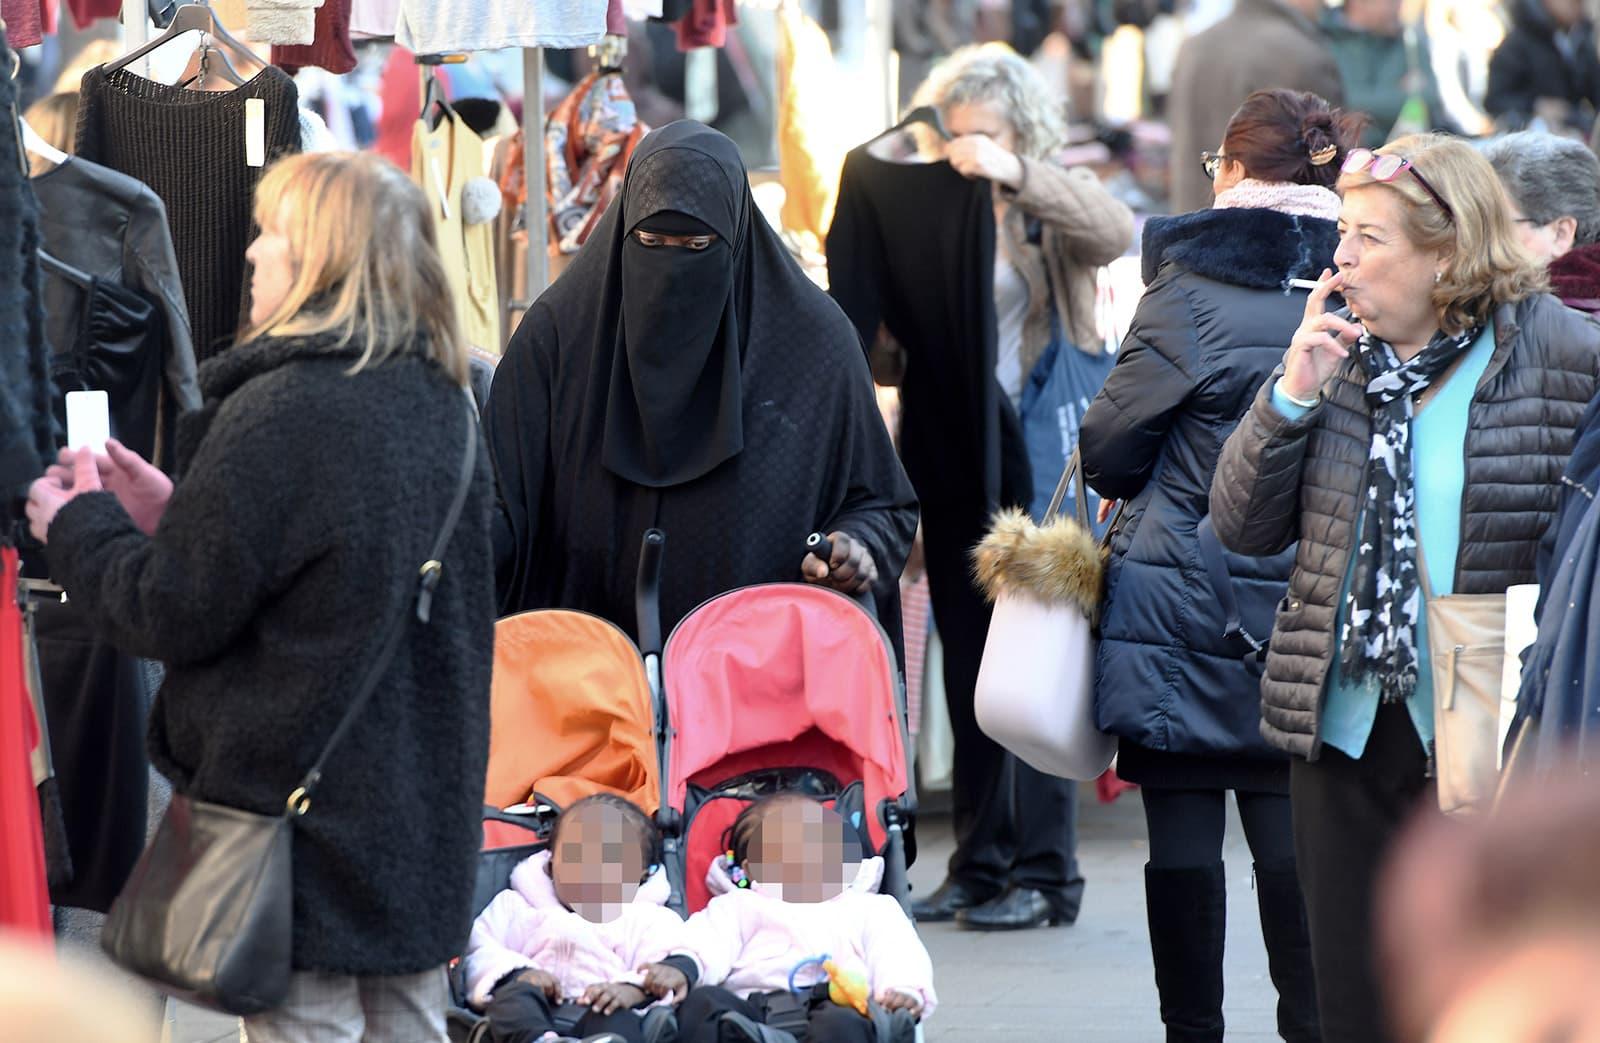 Una dona vestida amb Nicab al mercat del carrer major de Salt. Fotografia de Xavier Jubierre.